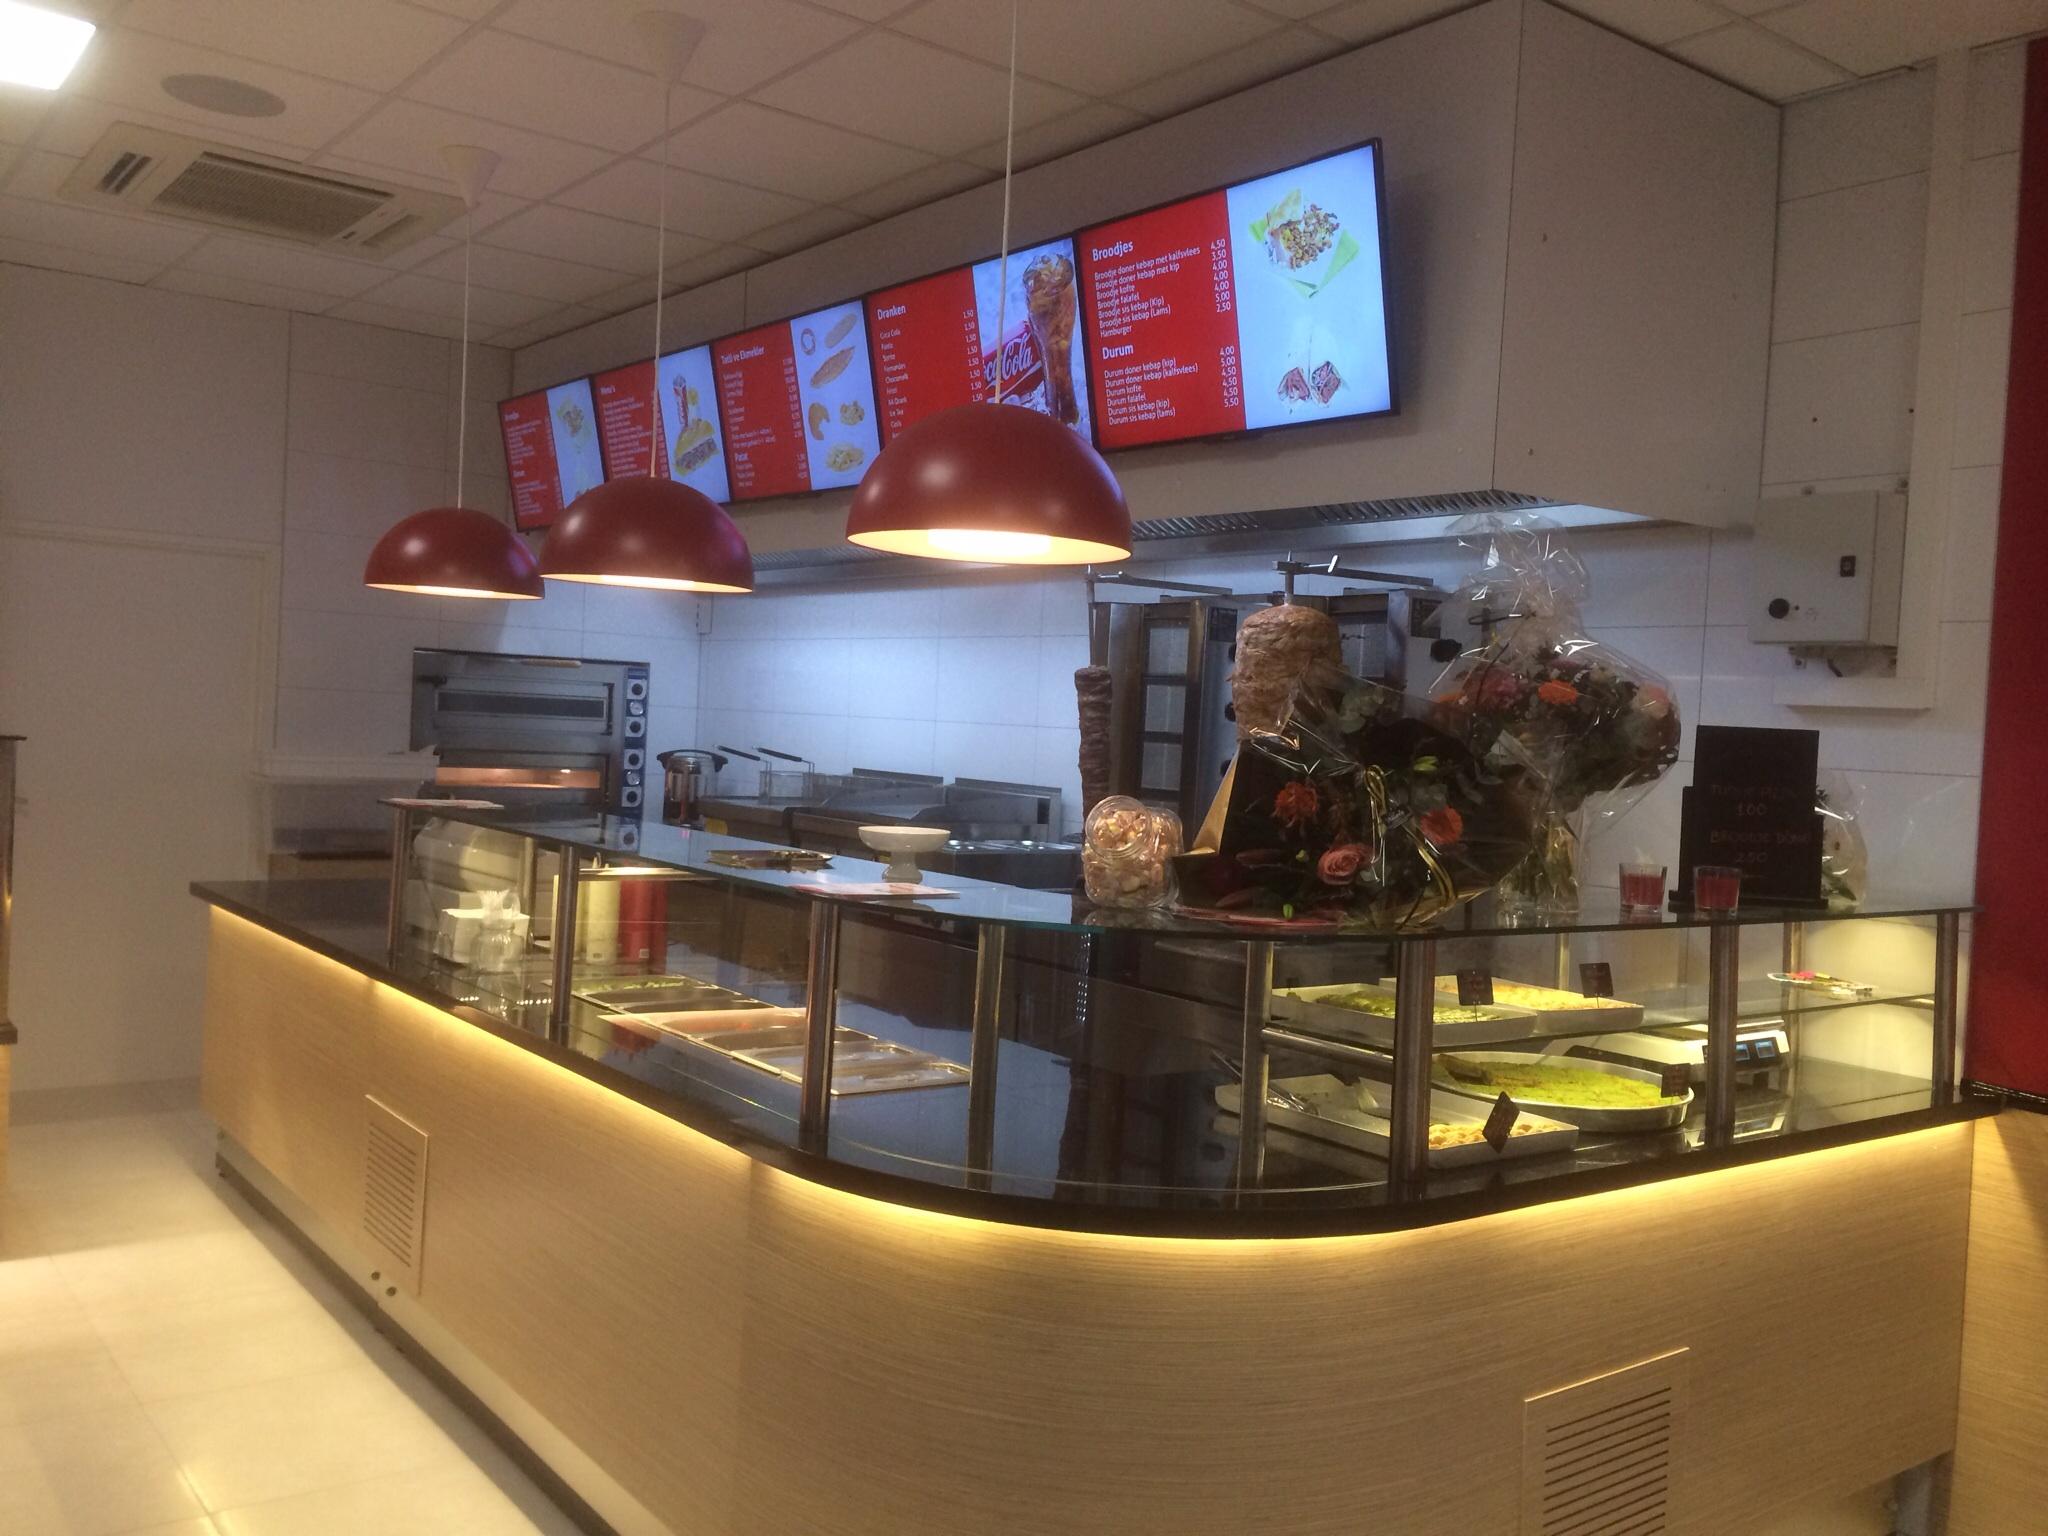 Döner Kebab Damplein - indebuurt Dordrecht